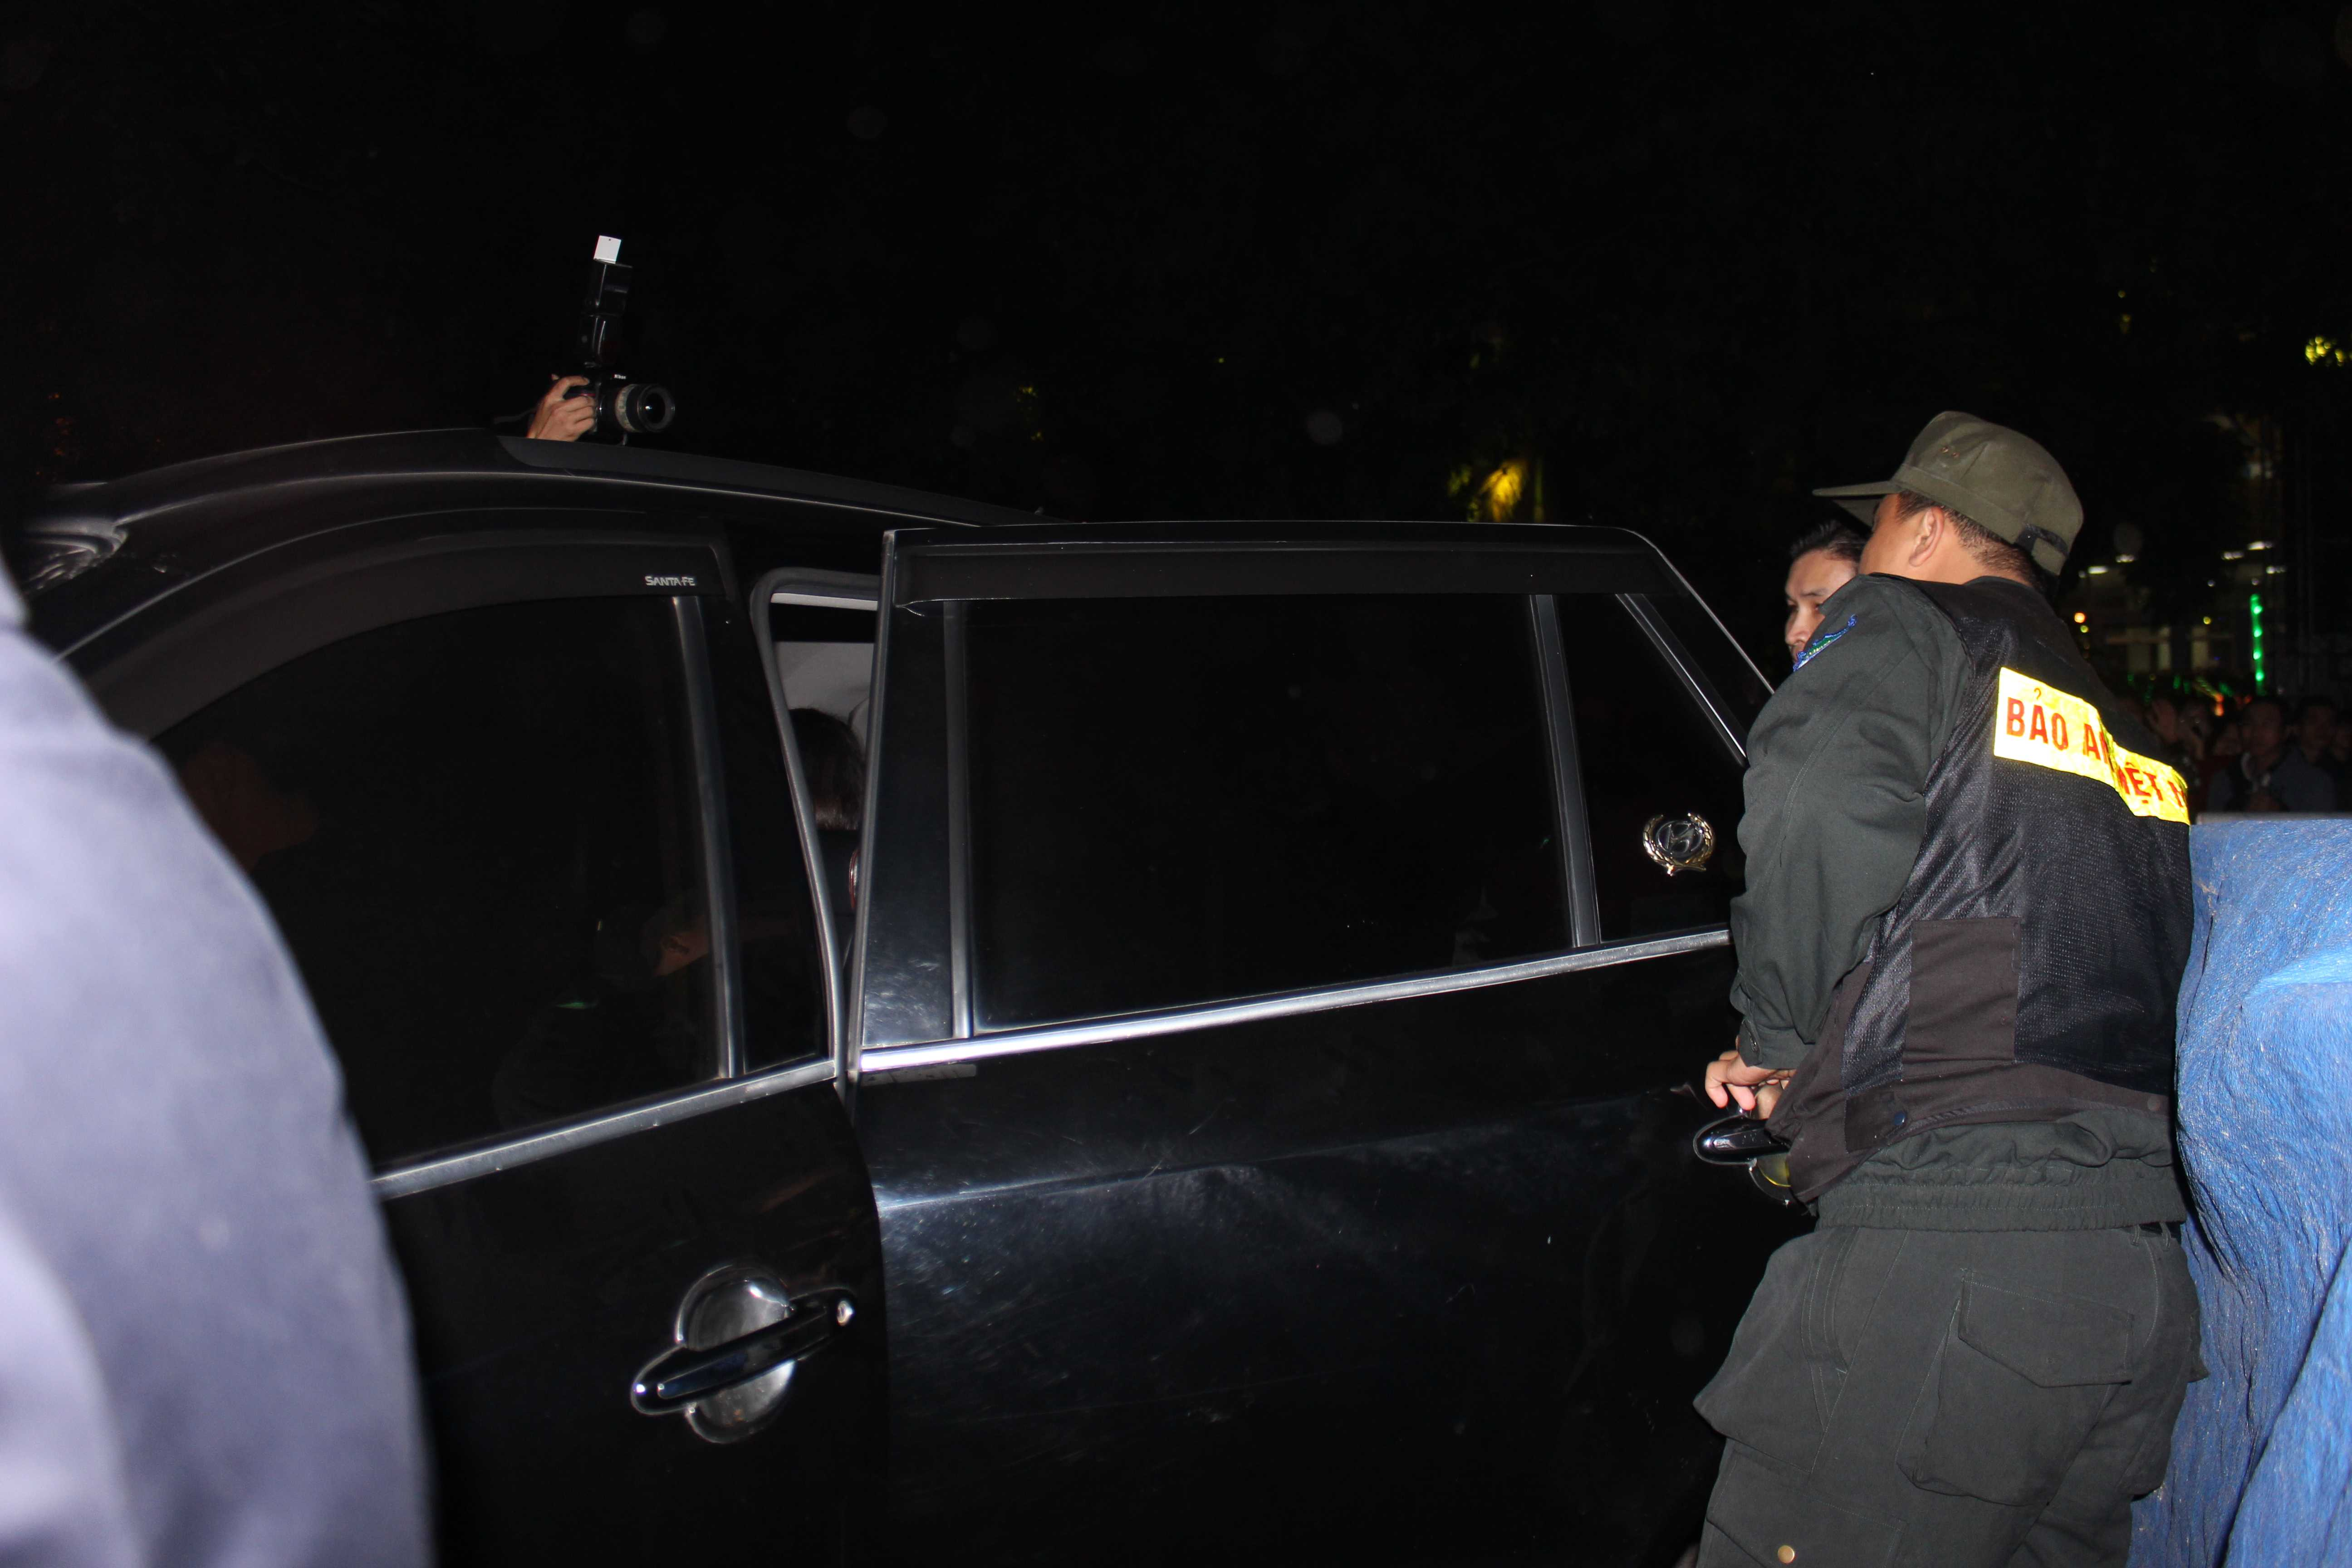 Lực lượng an ninh bảo vệ Sơn tùng M-TP sau khi diễn xong.